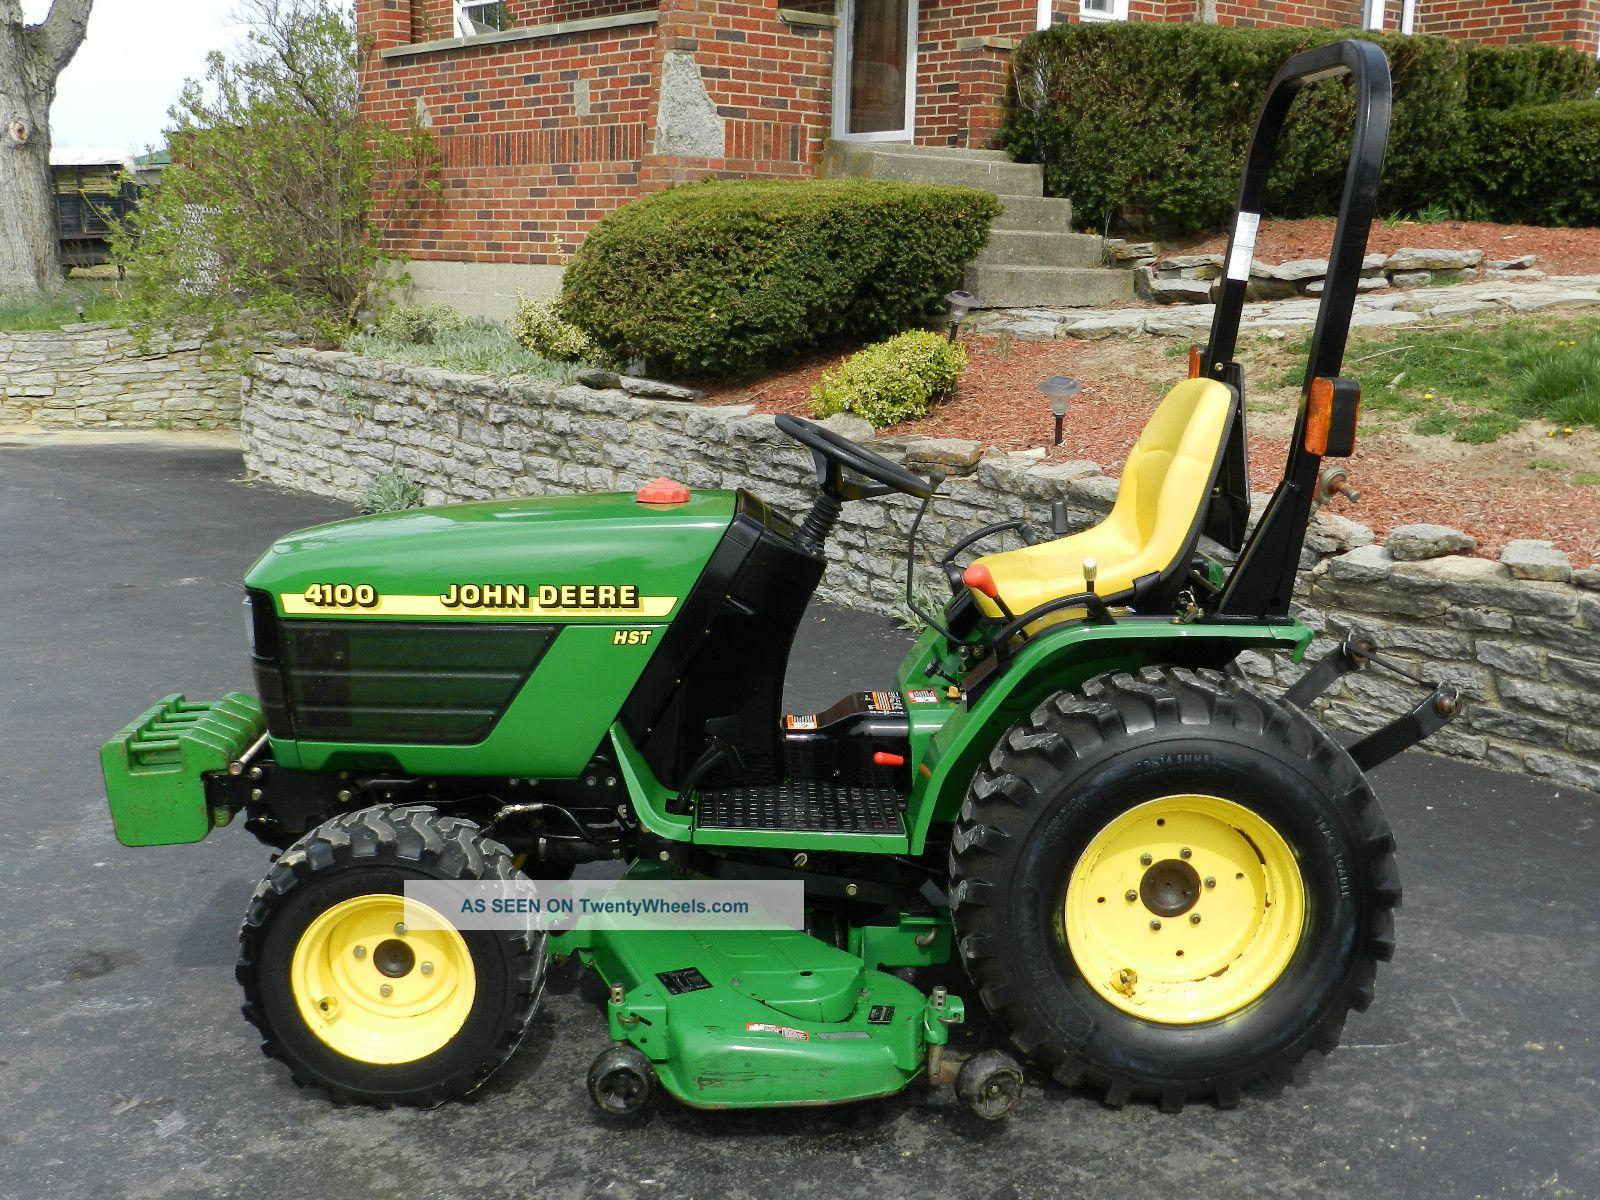 John Deere 4100 Compact Tractor & 54 In Belly Mower ...